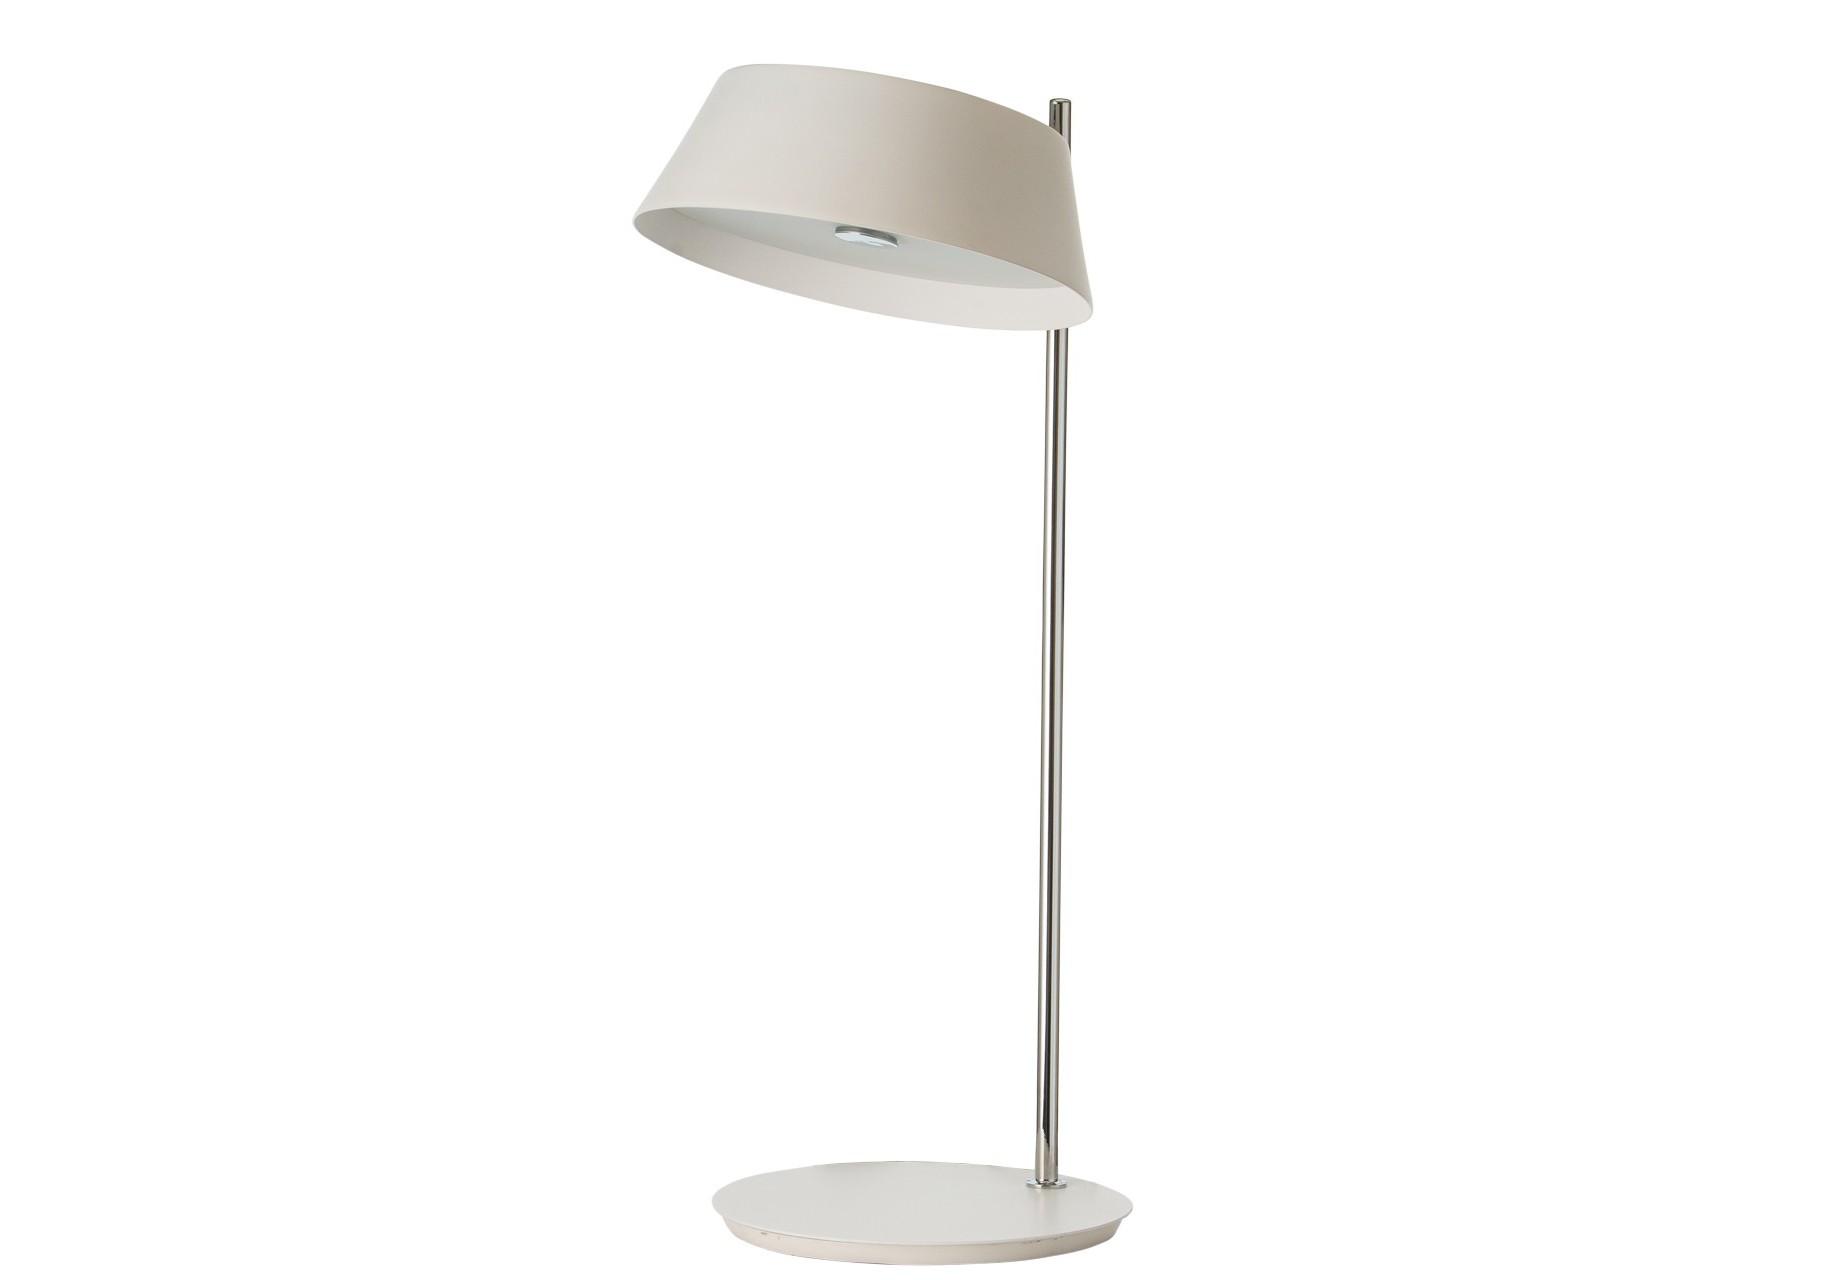 Настольная лампа РивзДекоративные лампы<br>Цоколь: LED,&amp;amp;nbsp;&amp;lt;div&amp;gt;Мощность лампы: 10W,&amp;amp;nbsp;&amp;lt;/div&amp;gt;&amp;lt;div&amp;gt;Количество ламп: 1&amp;amp;nbsp;&amp;lt;/div&amp;gt;&amp;lt;div&amp;gt;Лампочка входит в комплект.&amp;lt;/div&amp;gt;<br><br>Material: Металл<br>Width см: 27<br>Depth см: 22<br>Height см: 58,5